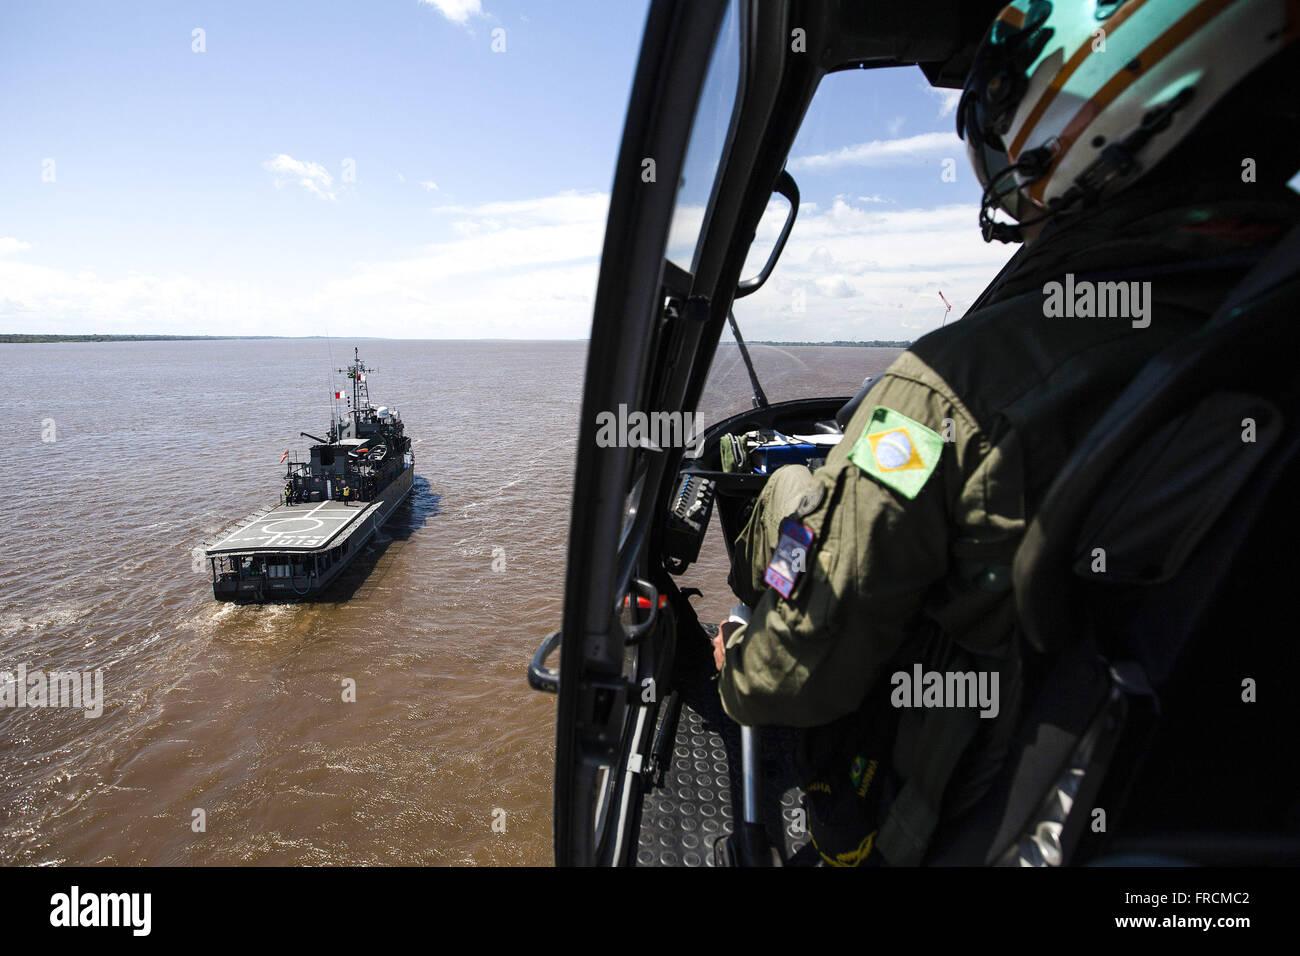 Helicóptero Esquilo da Marinha do Brasil sobrevoando o Rio Amazonas - Stock Image